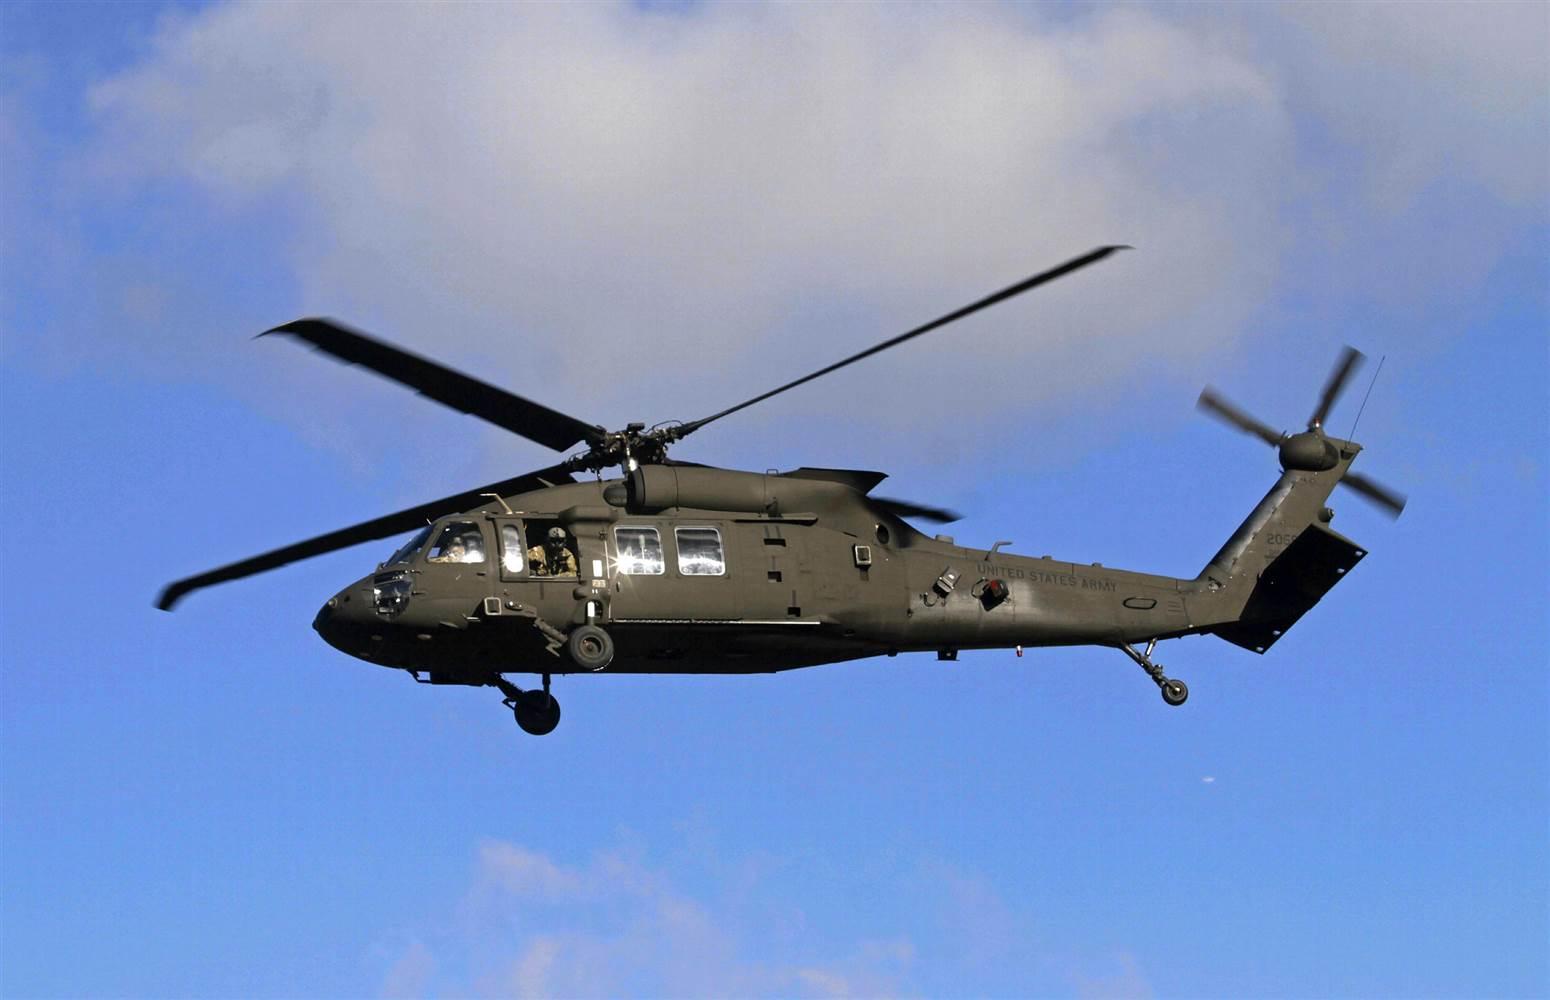 Trực thăng tập trận của quân đội Mỹ rơi xuống biển Hawaii, 5 người mất tích